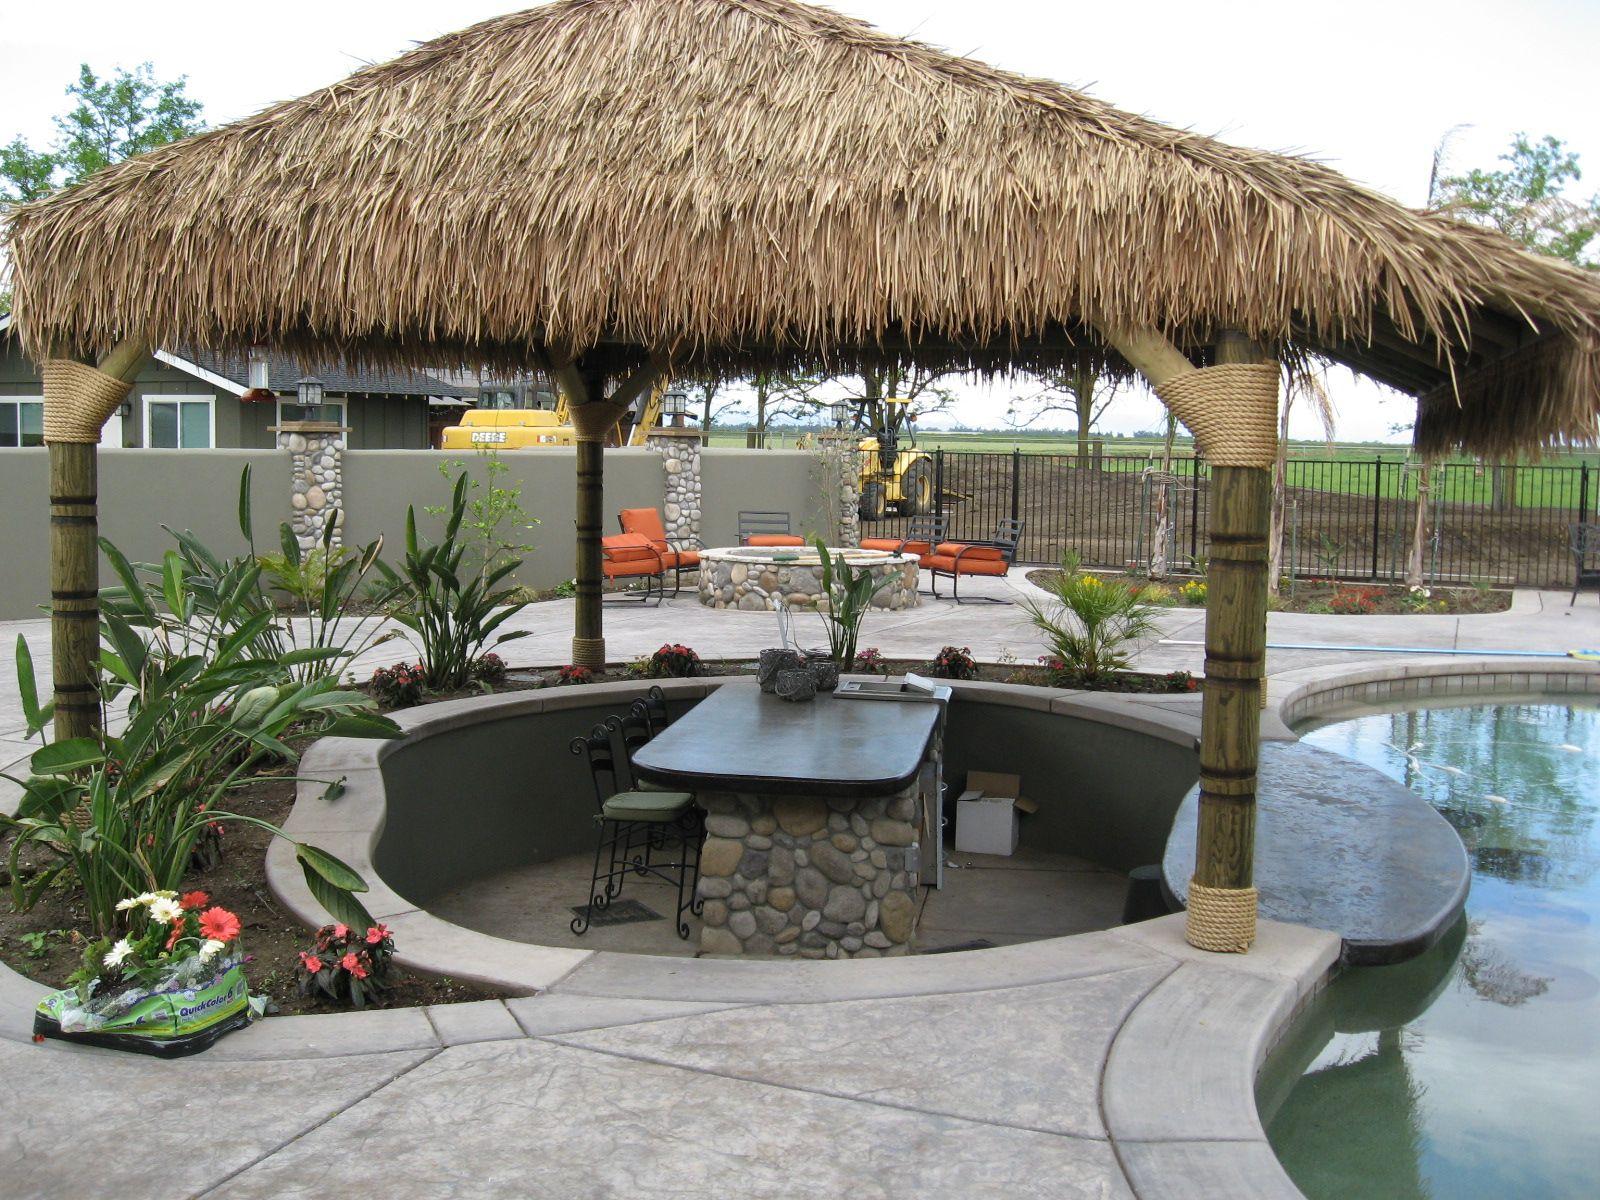 Backyard paradise - Palapa | Patio, Backyard paradise ... on Palapa Bar Backyard id=60760